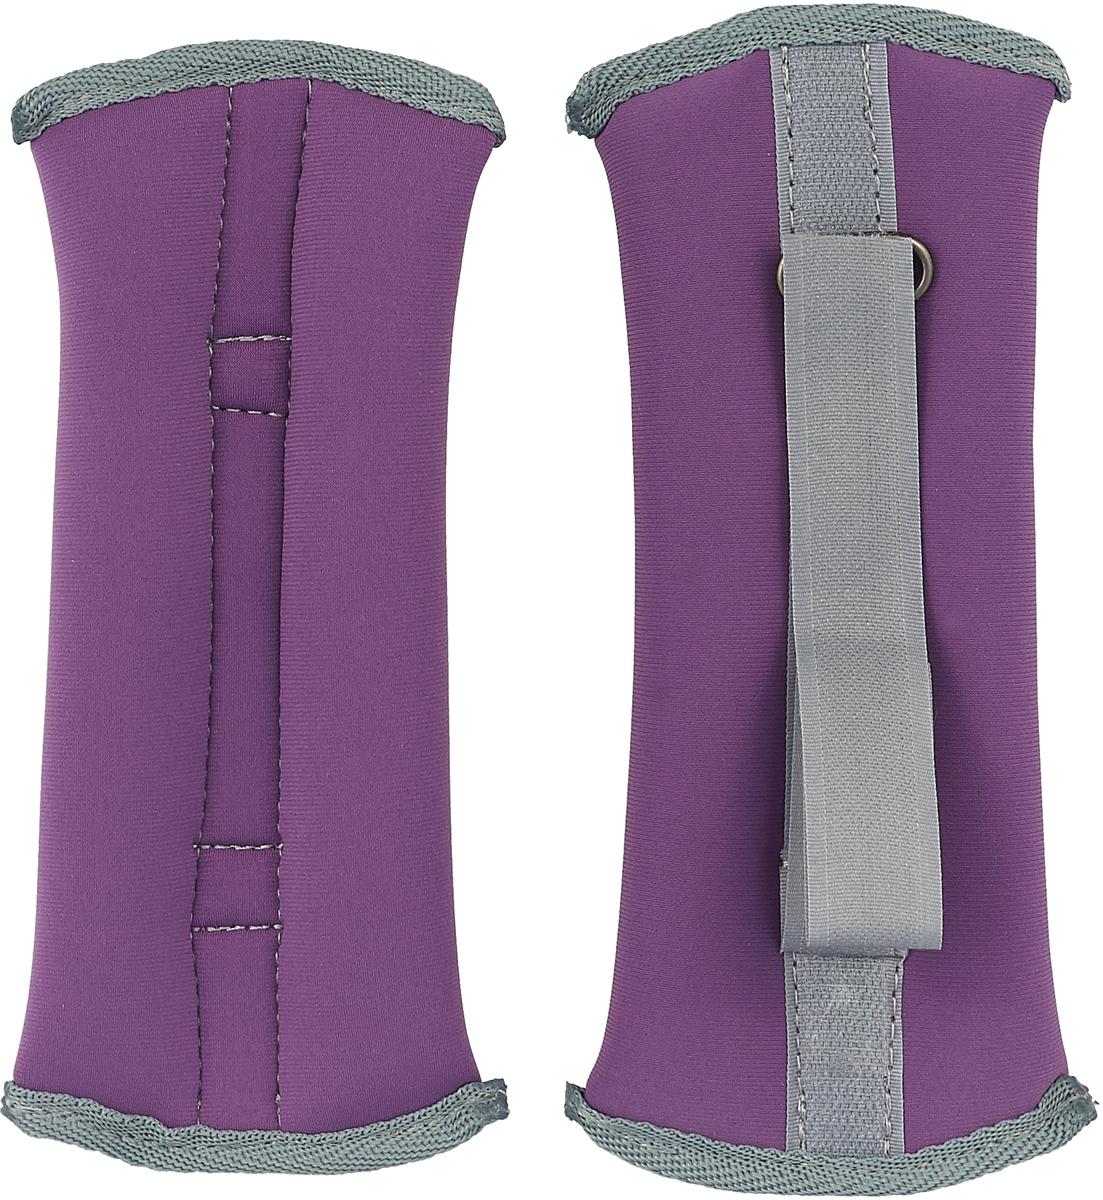 Утяжелитель спортивный Indigo Неопреновые, цвет: фиолетовый, 0,3 кг, 2 шт утяжелитель браслет для рук indigo цвет синий 0 3 кг 2 шт